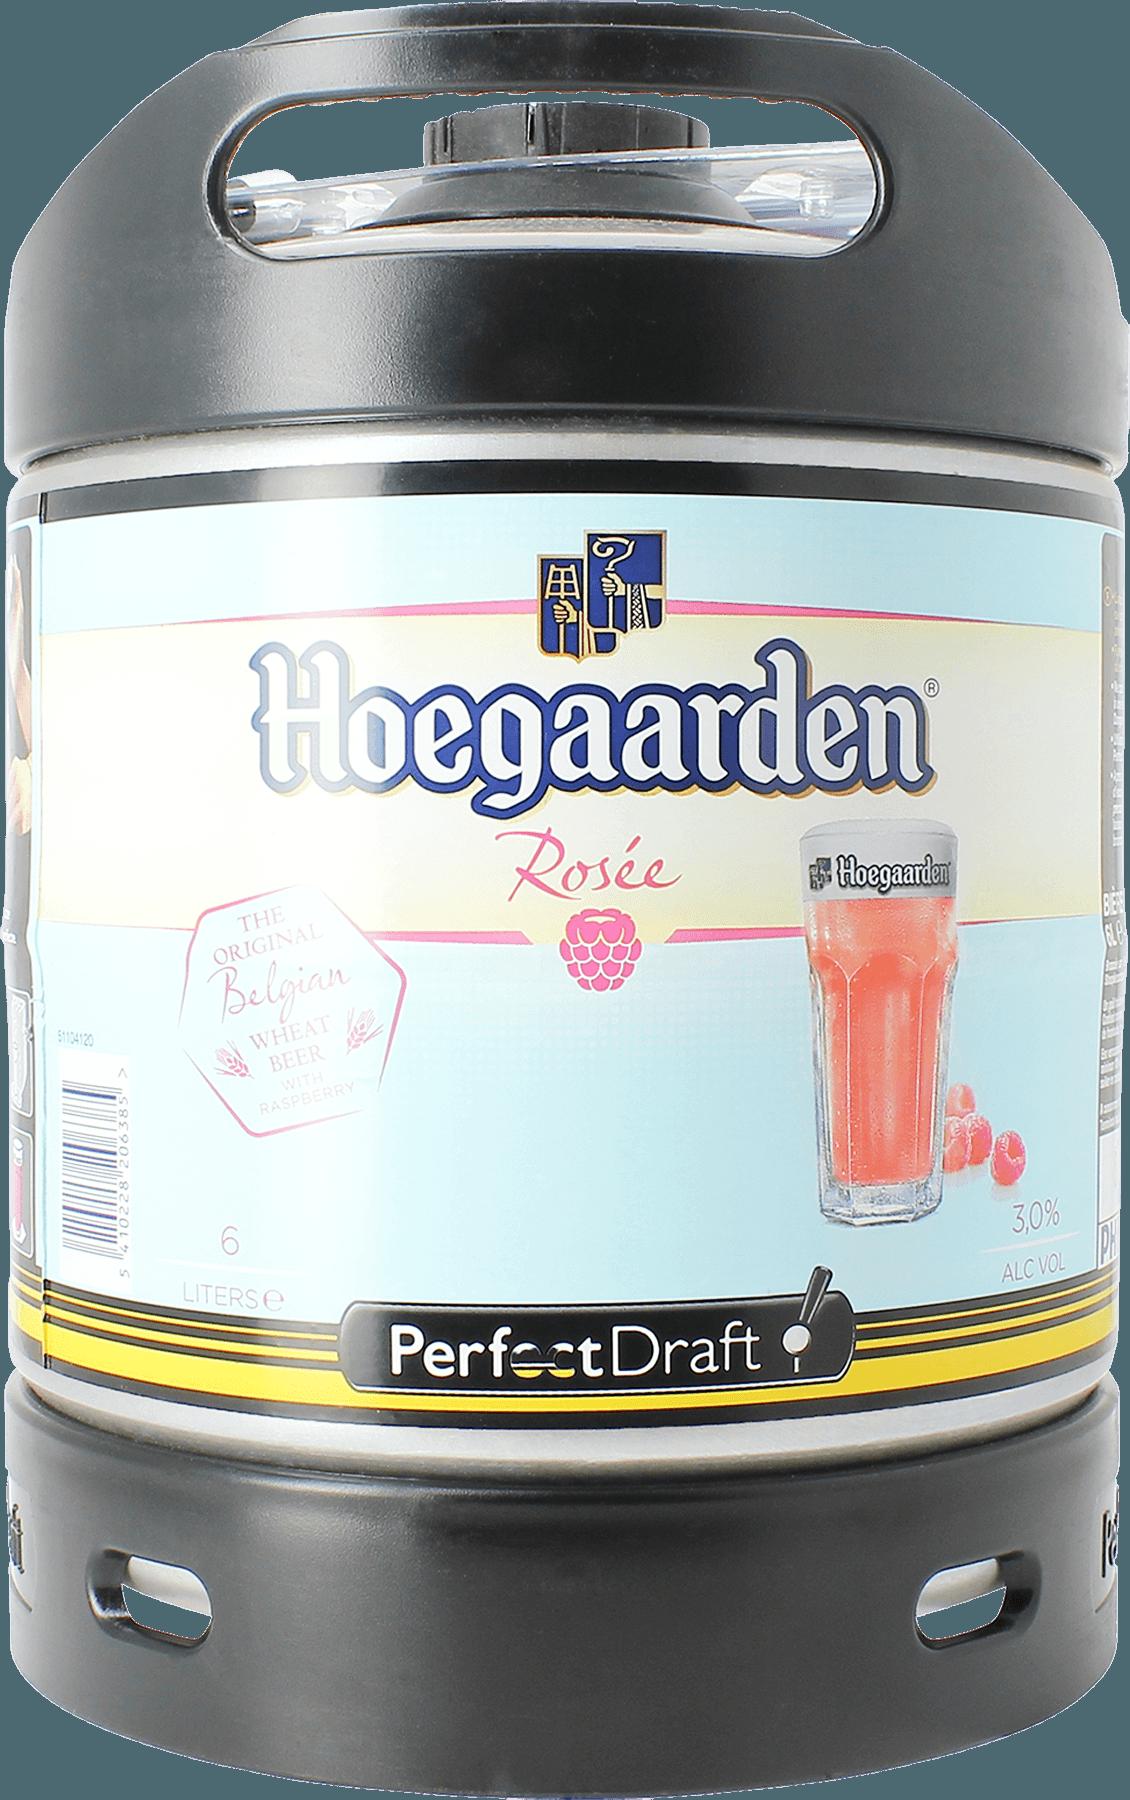 Hoegaarden Rosé PerfectDraft 6-litre Barril